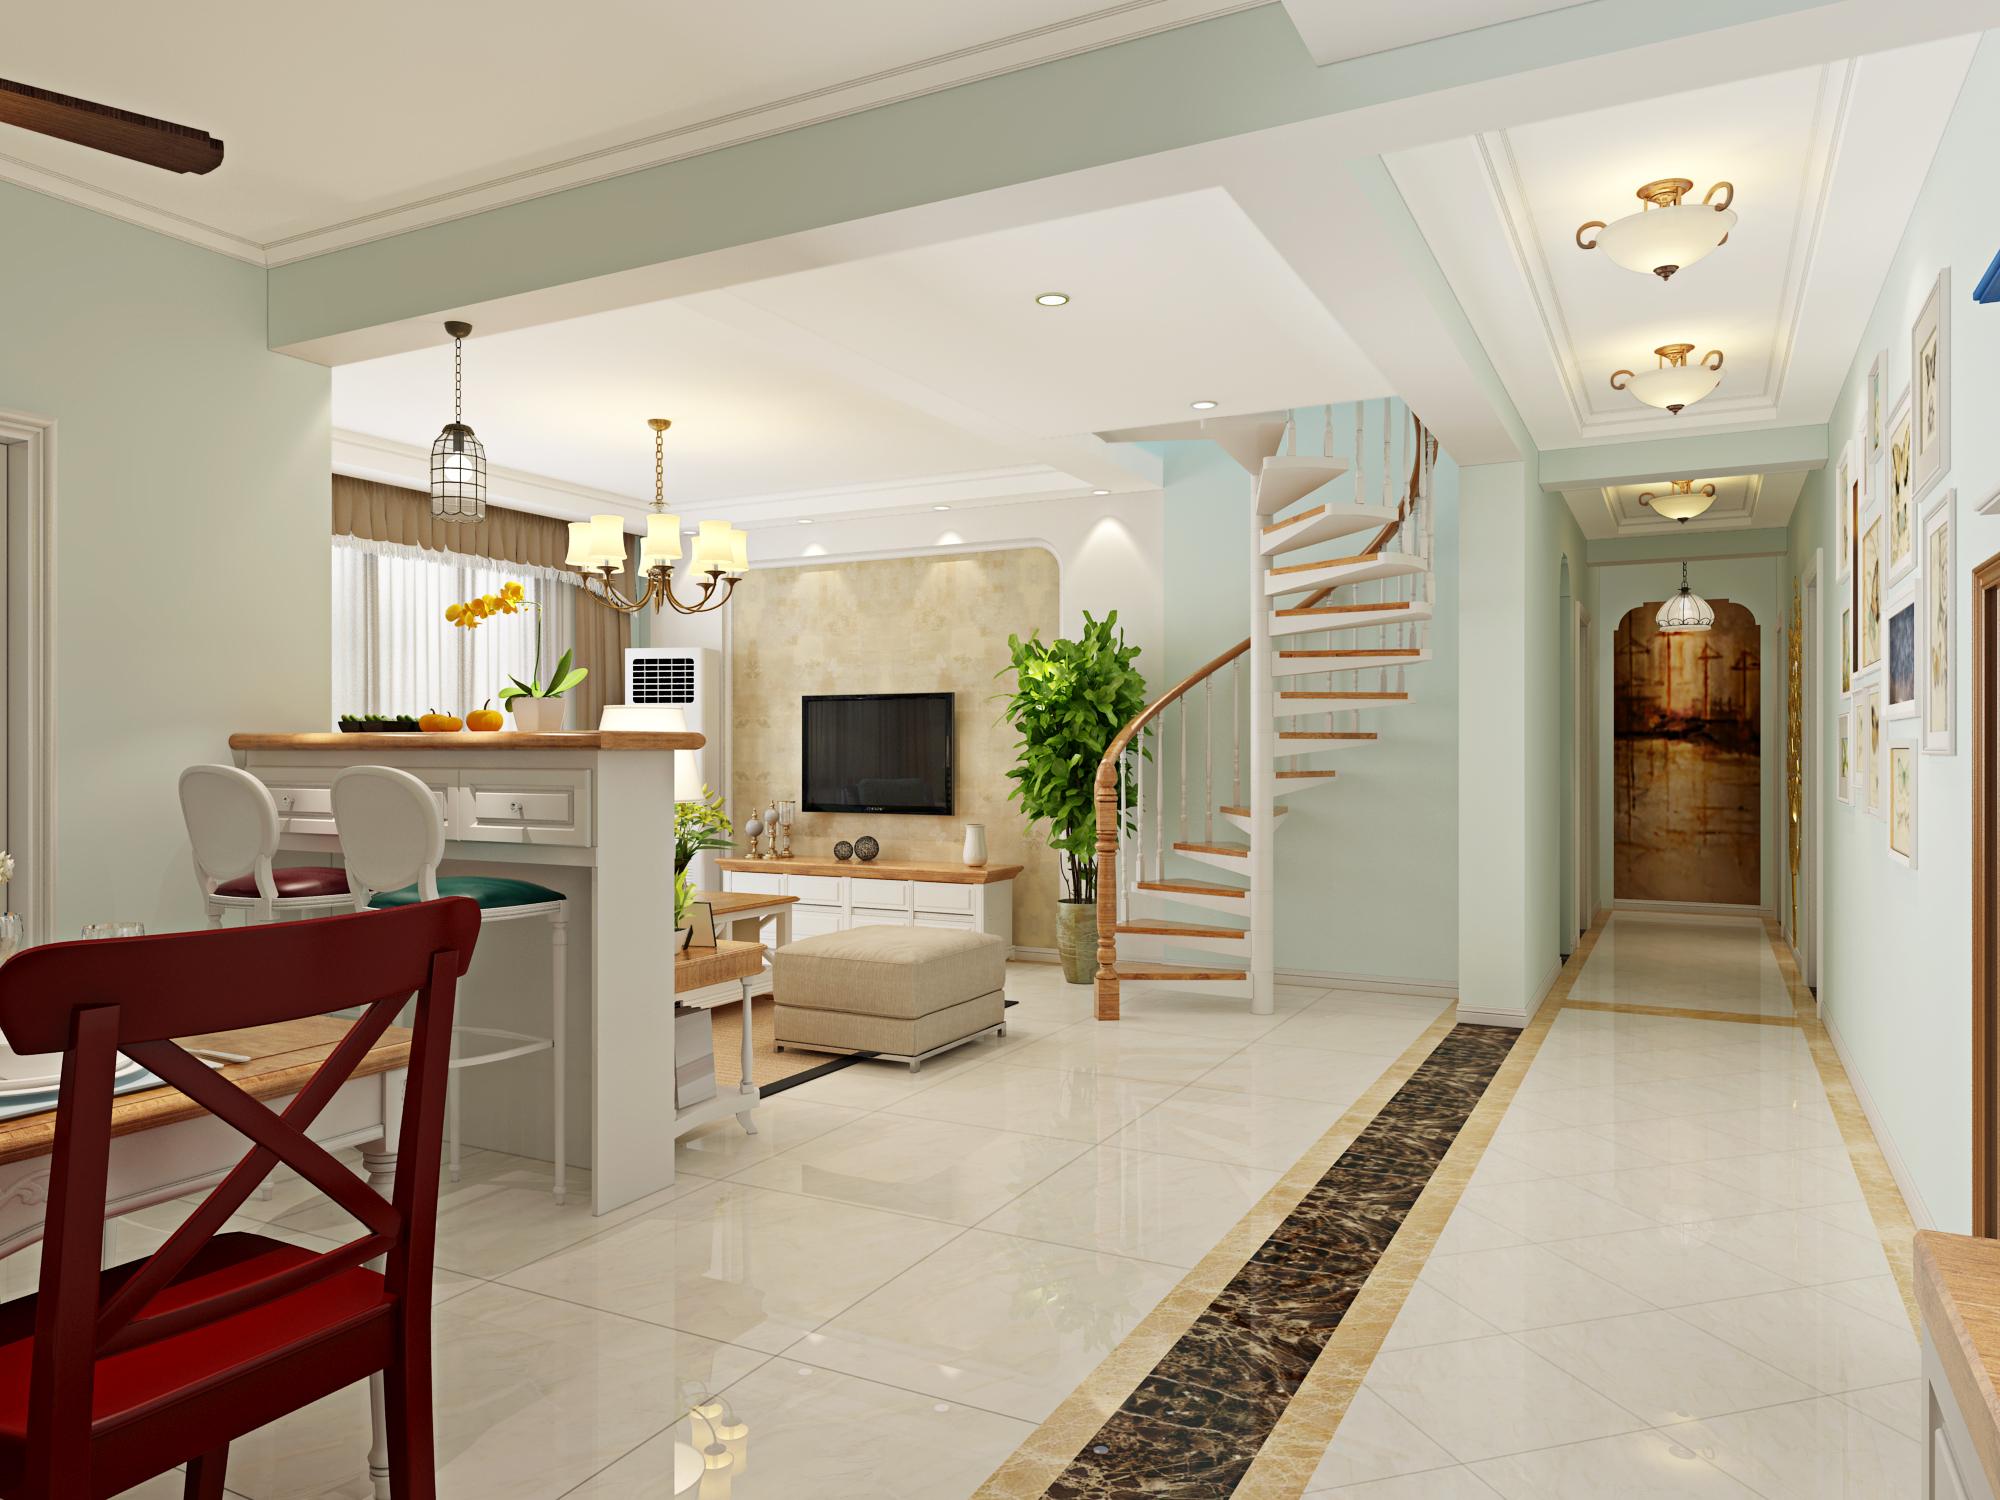 中豪汇景湾 简约美式风 实创装饰 装修设计 客厅图片来自夏曼在实创装修中豪汇景湾简约美式风格的分享